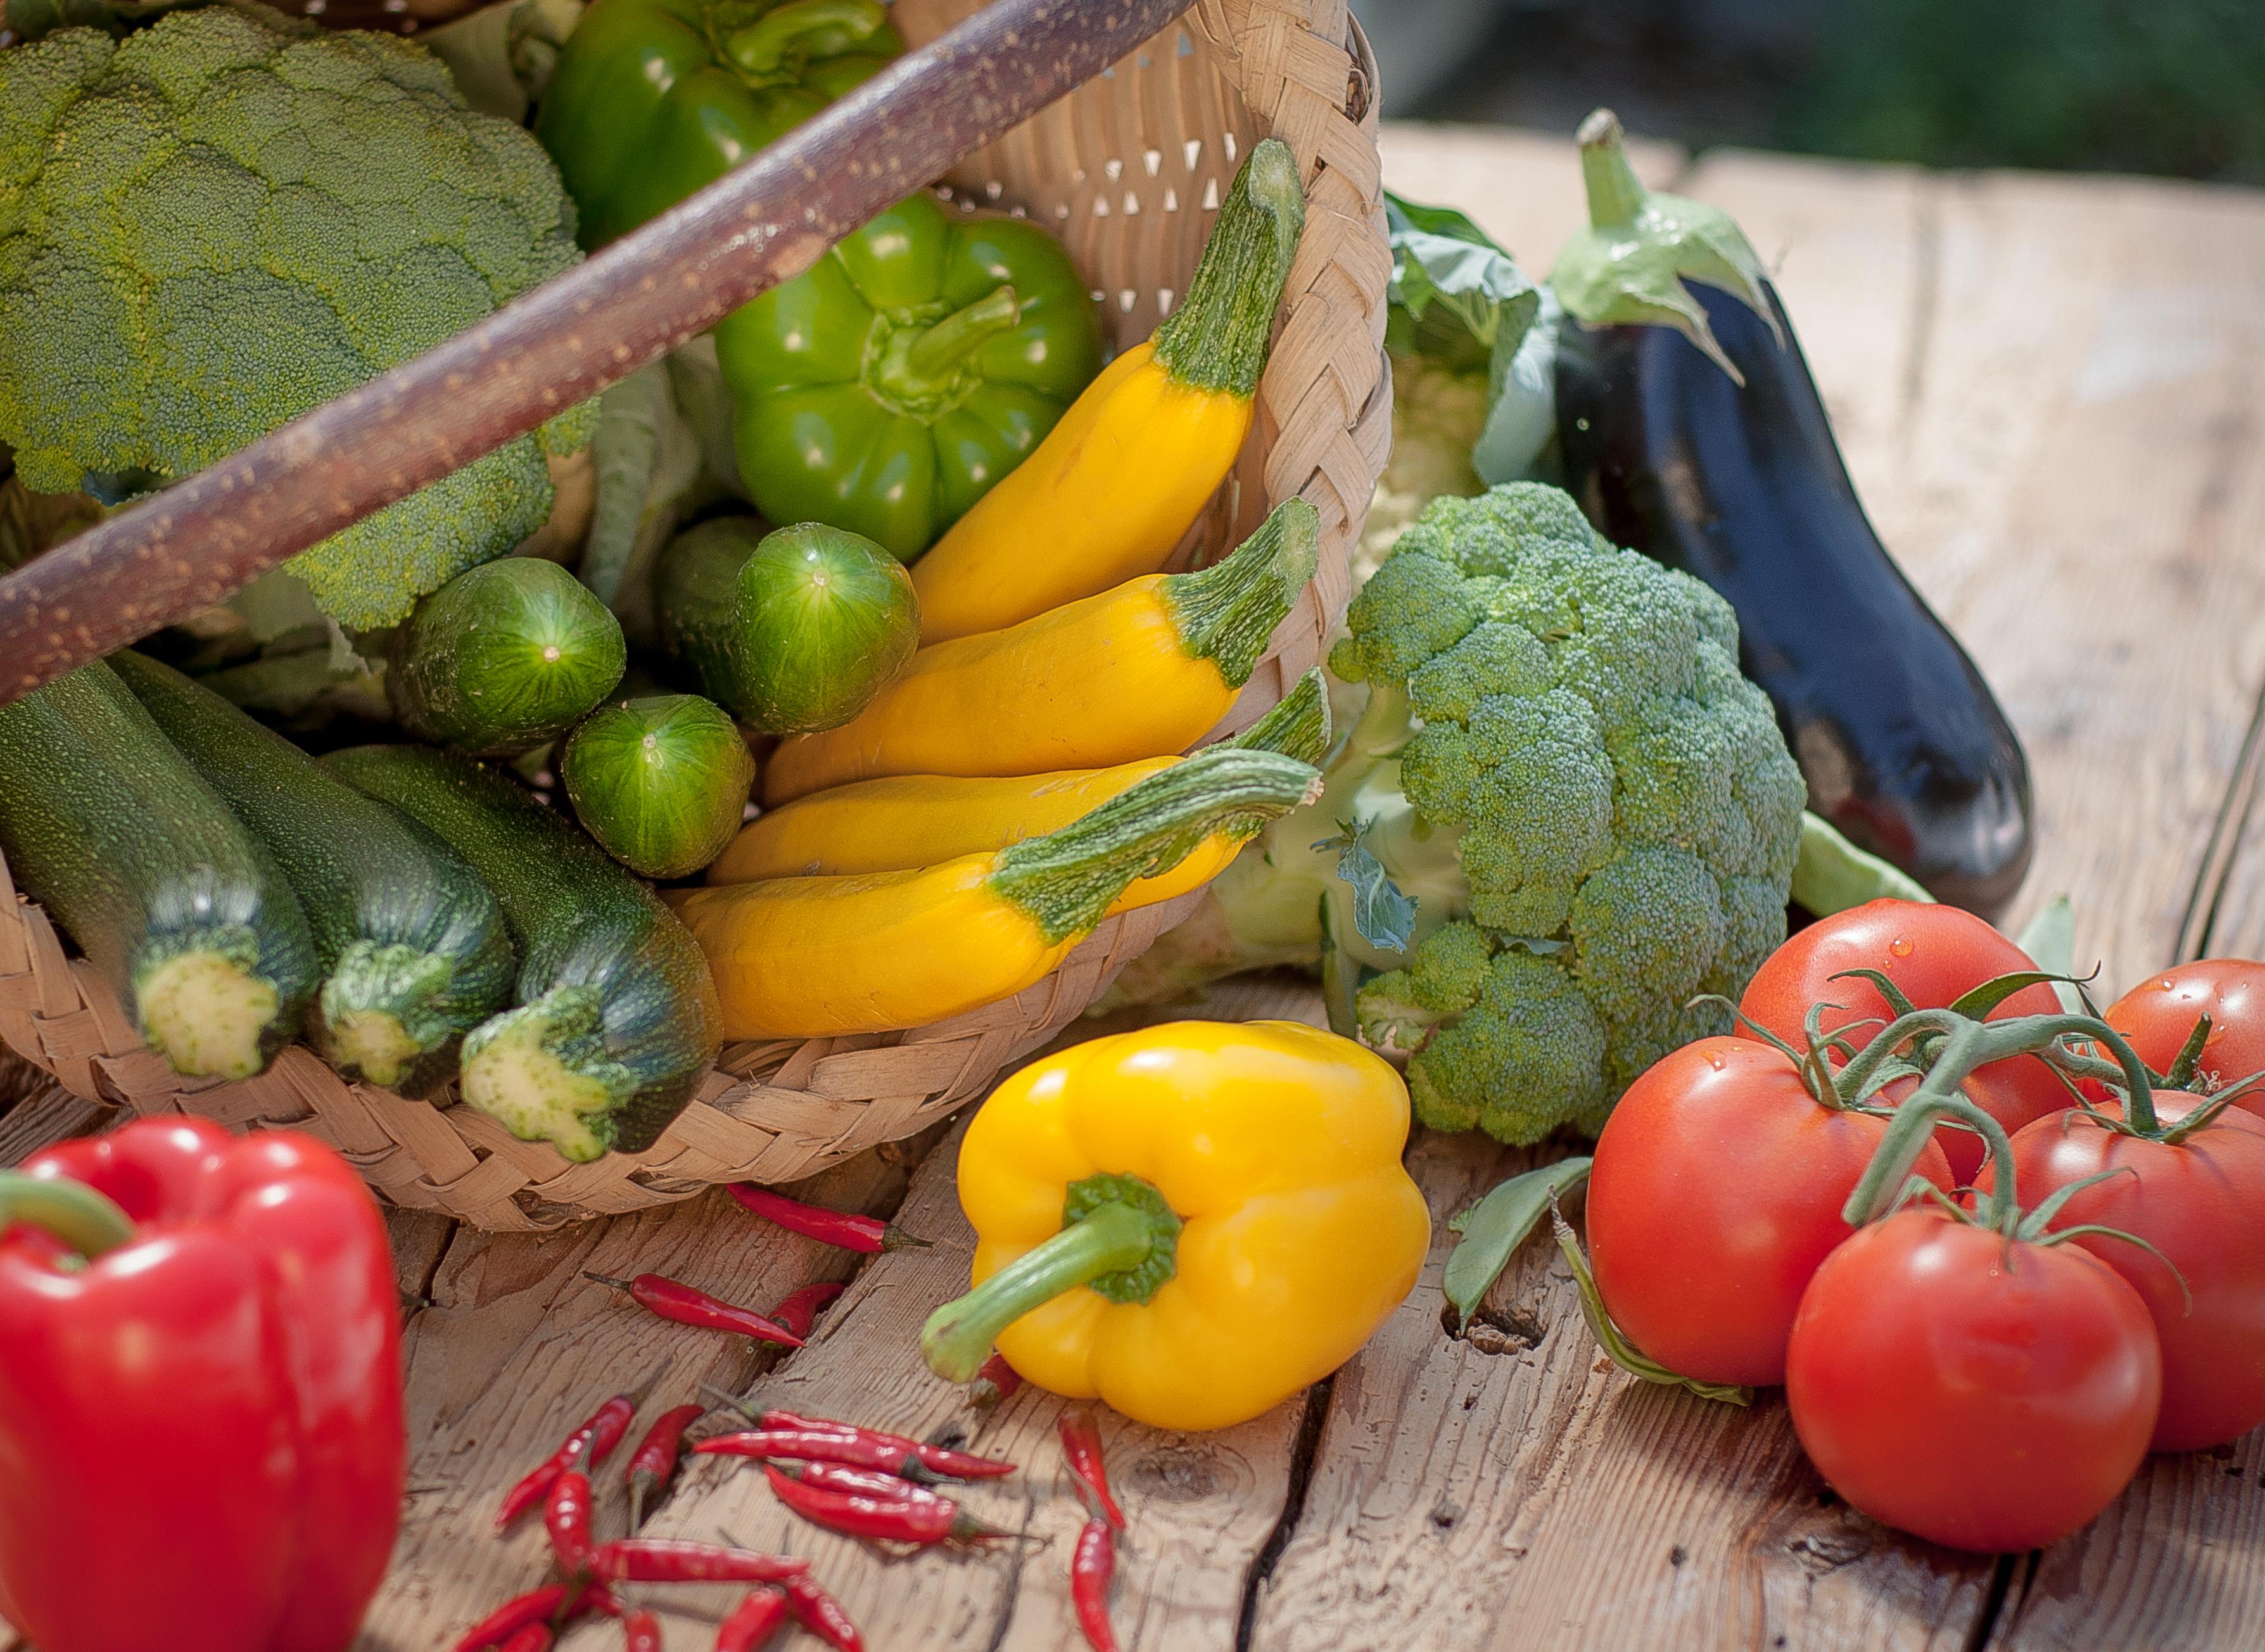 Sie sehen Gemüse von Obst & Gemüse Eisl in Saalbach. JUFA Hotels bietet kinderfreundlichen und erlebnisreichen Urlaub für die ganze Familie.